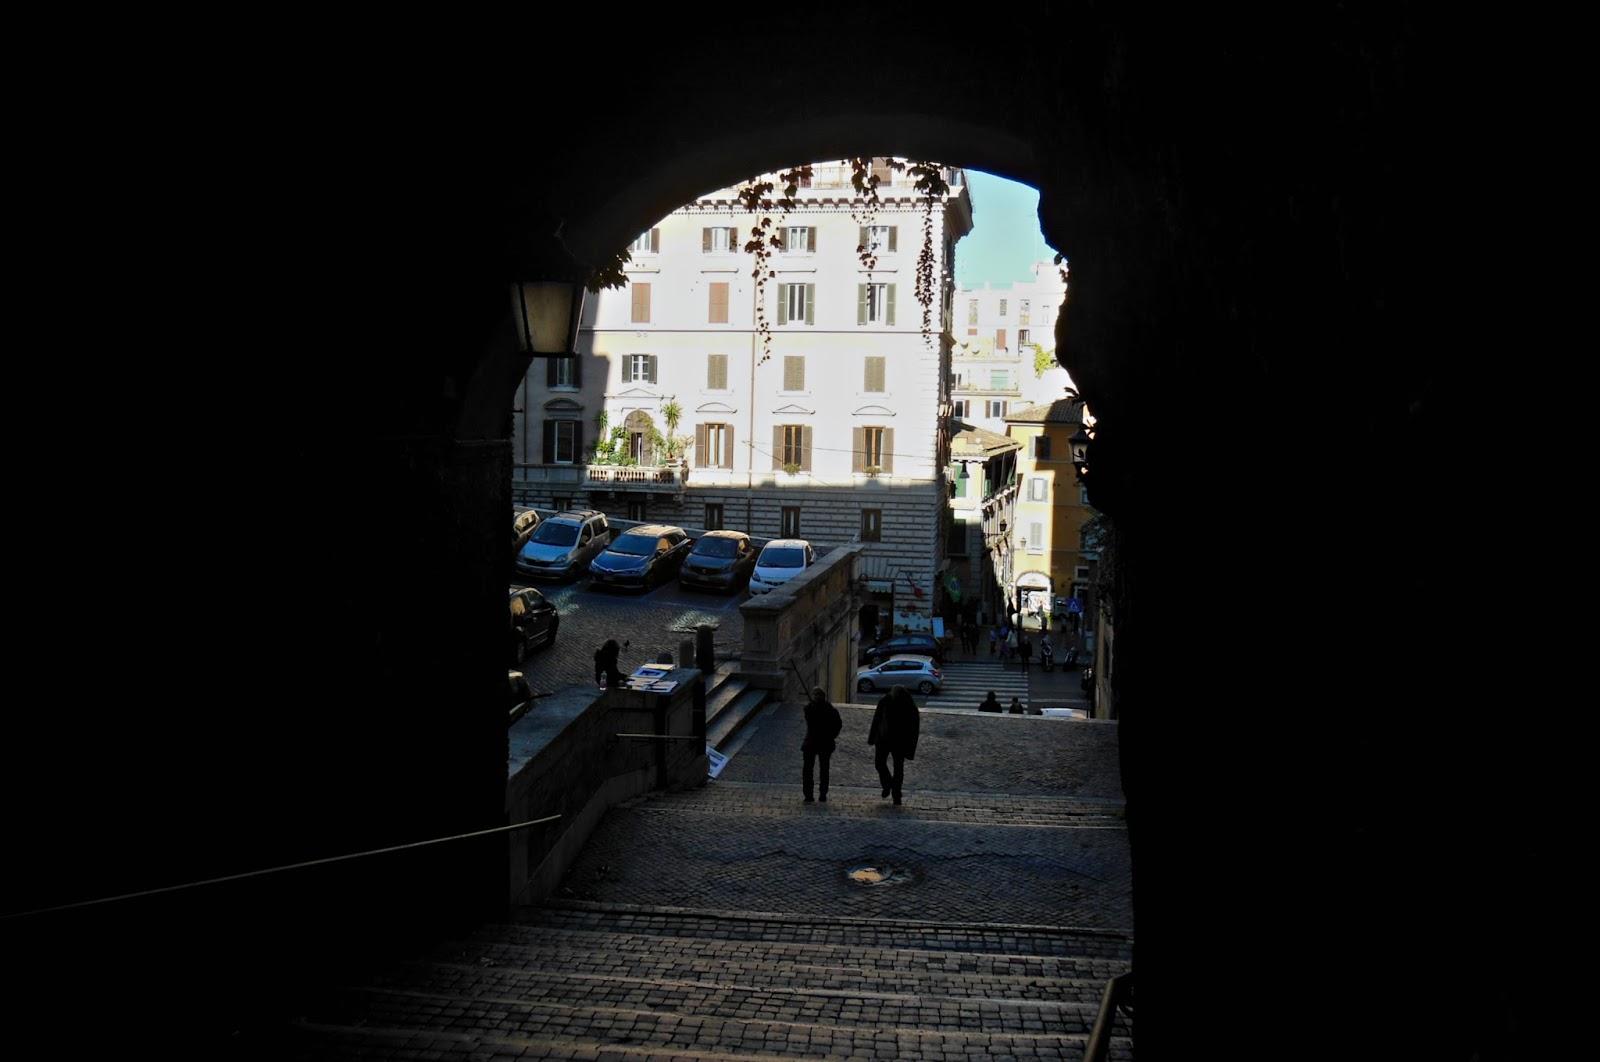 Rzymie, tęsknię za Tobą!